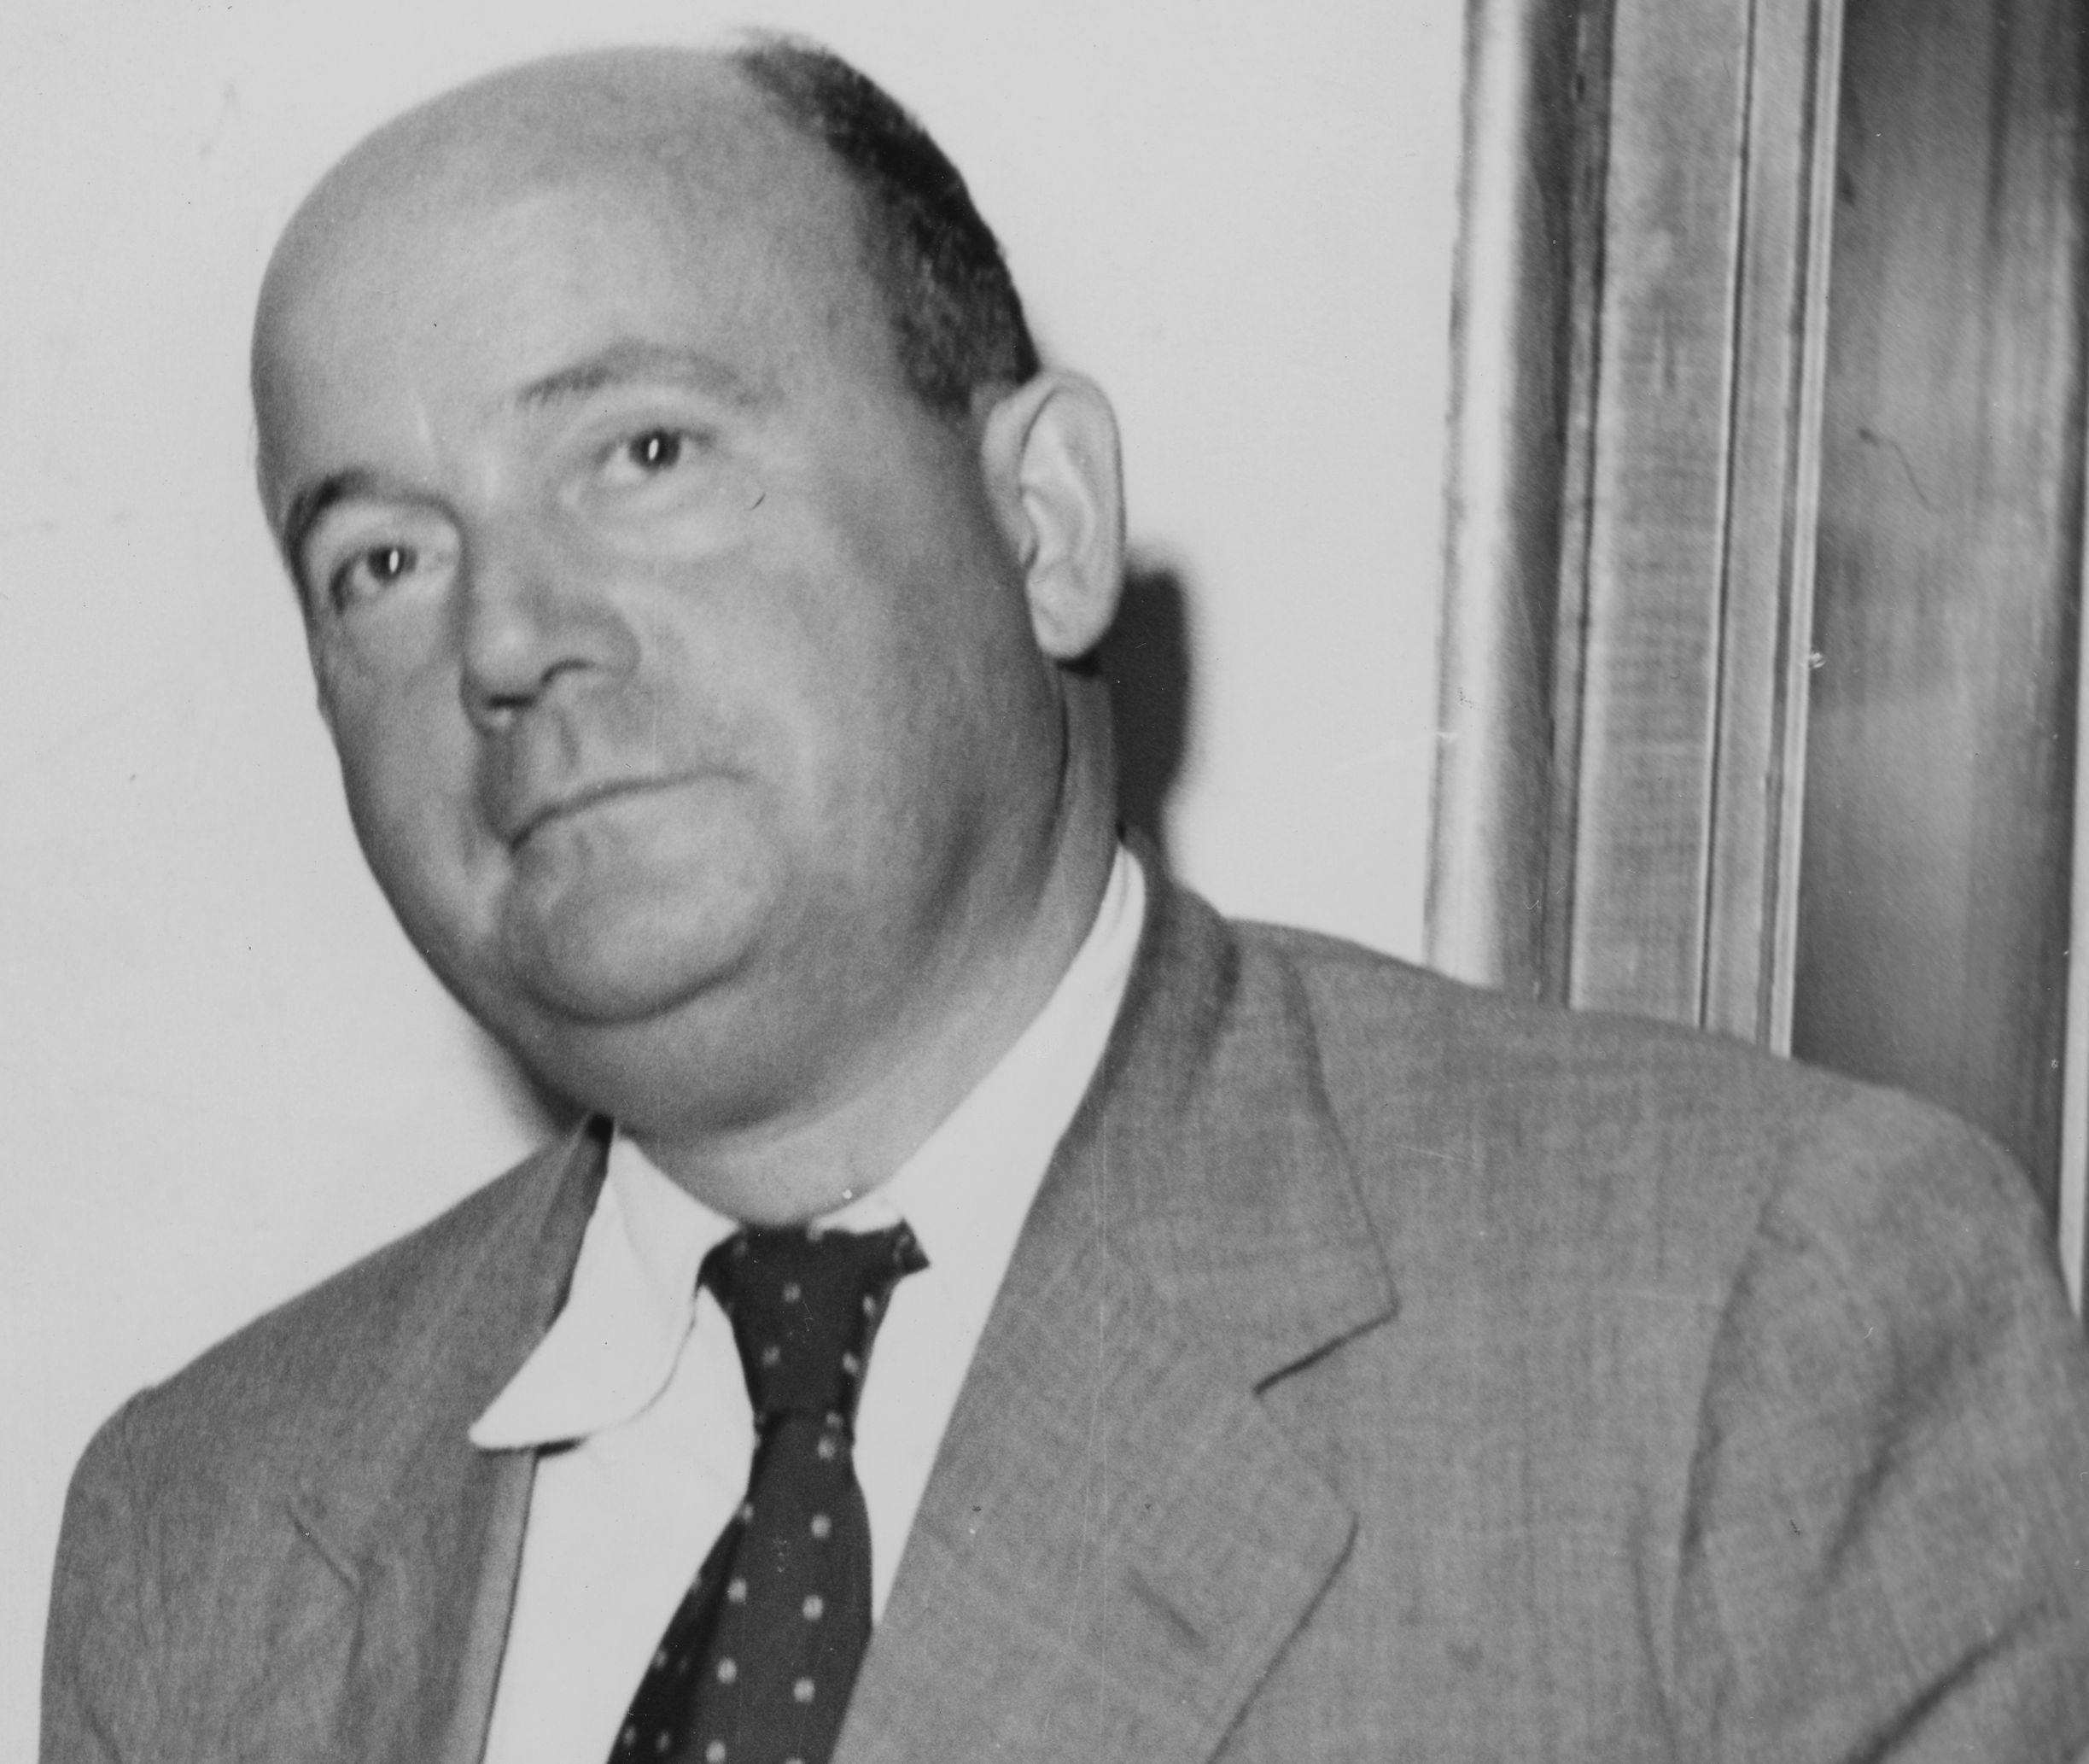 Der Chefredakteur der Bremer Nachrichten, Dr. Adolf Wolfard, fiel am 29. November 1951 einem Bombenattentat zum Opfer. Quelle: Staatsarchiv Bremen